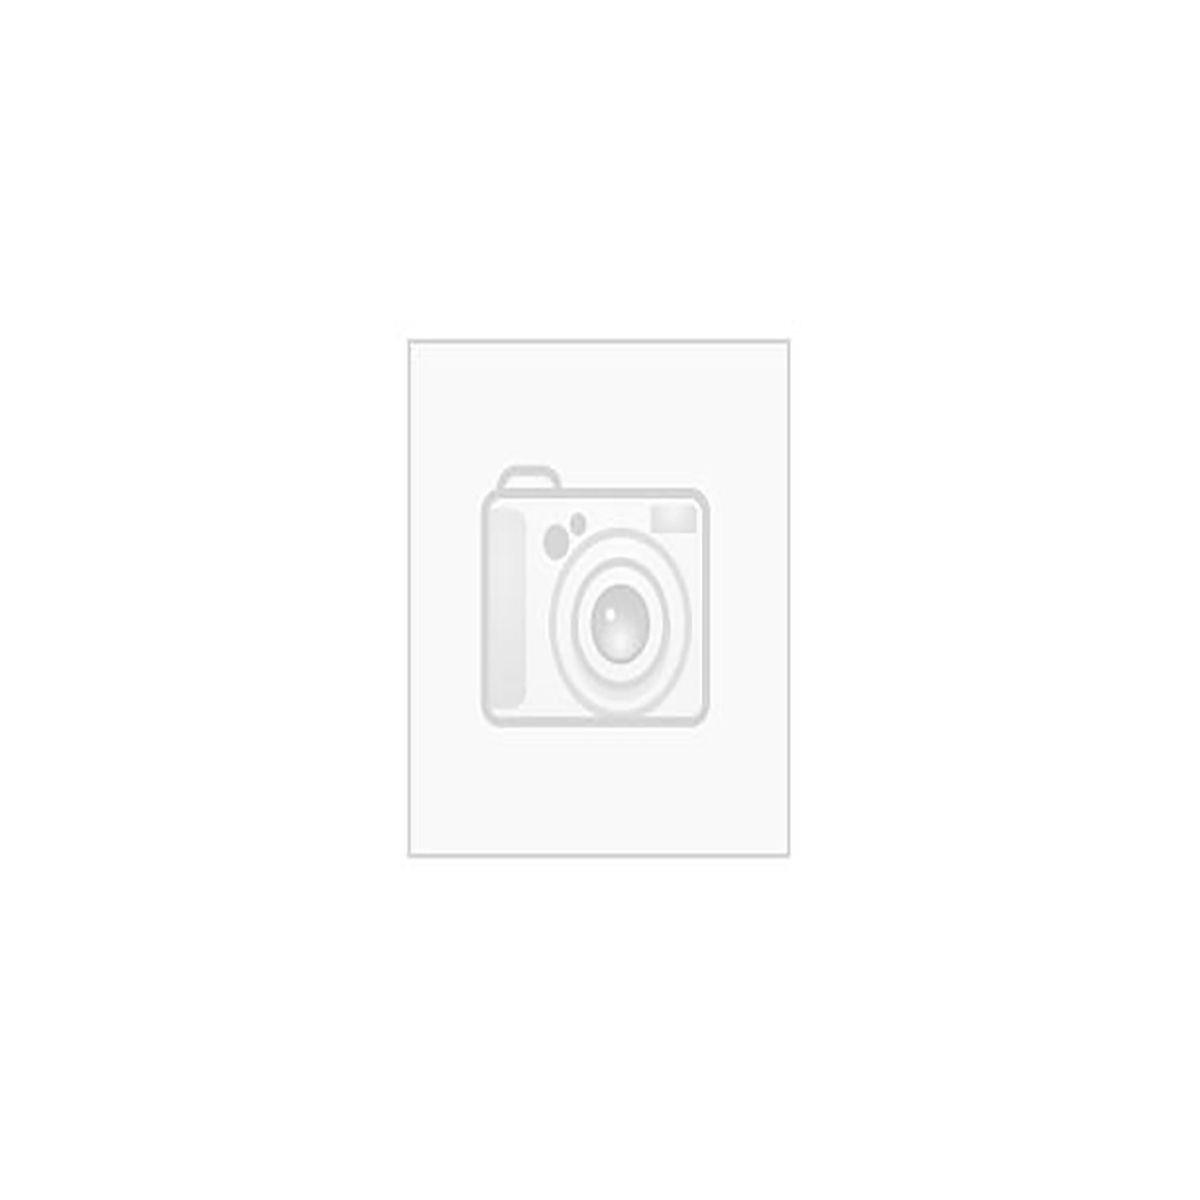 VikingBad - MIE 40 srvSkap S:hvit høyglans/F:hvit høyglans